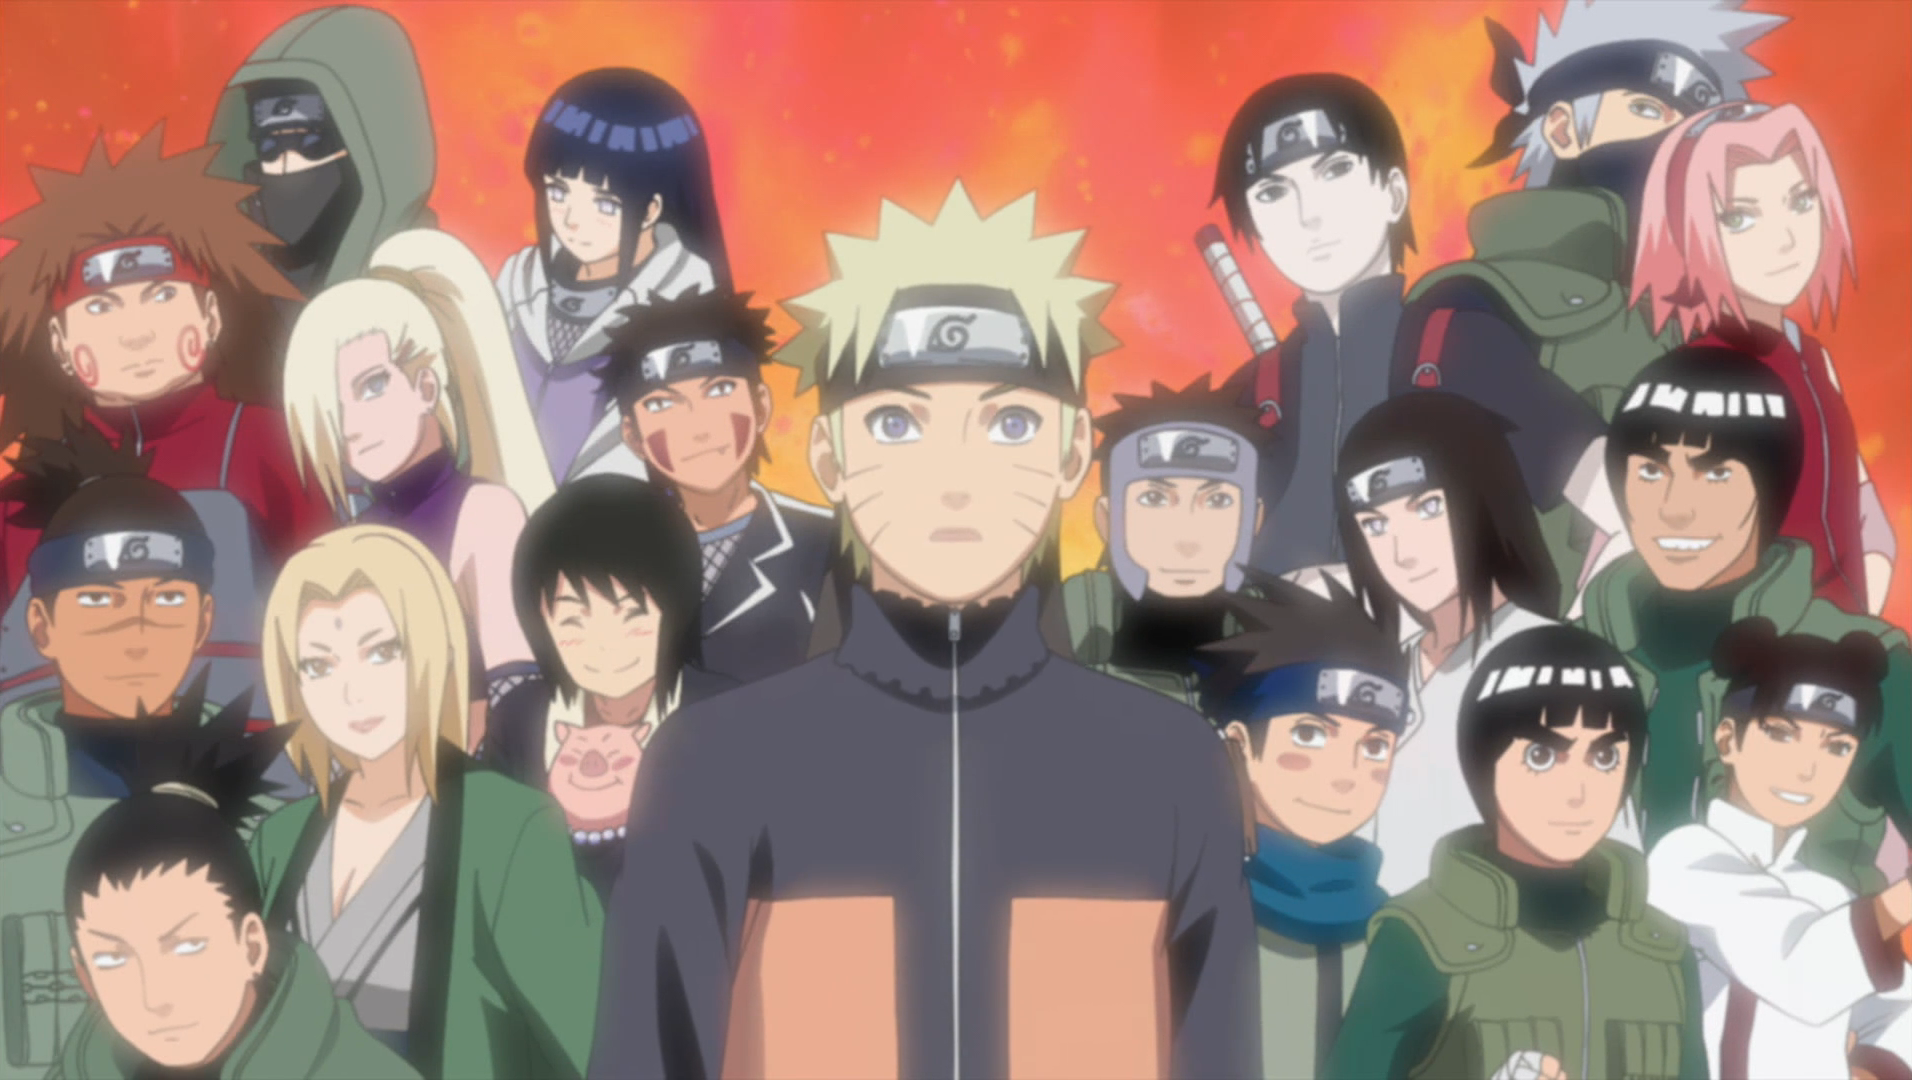 السلام عليكم ورحمة الله وبركاته اول موضوع لي بهذا القسم Naruto_Nakama_Anime.